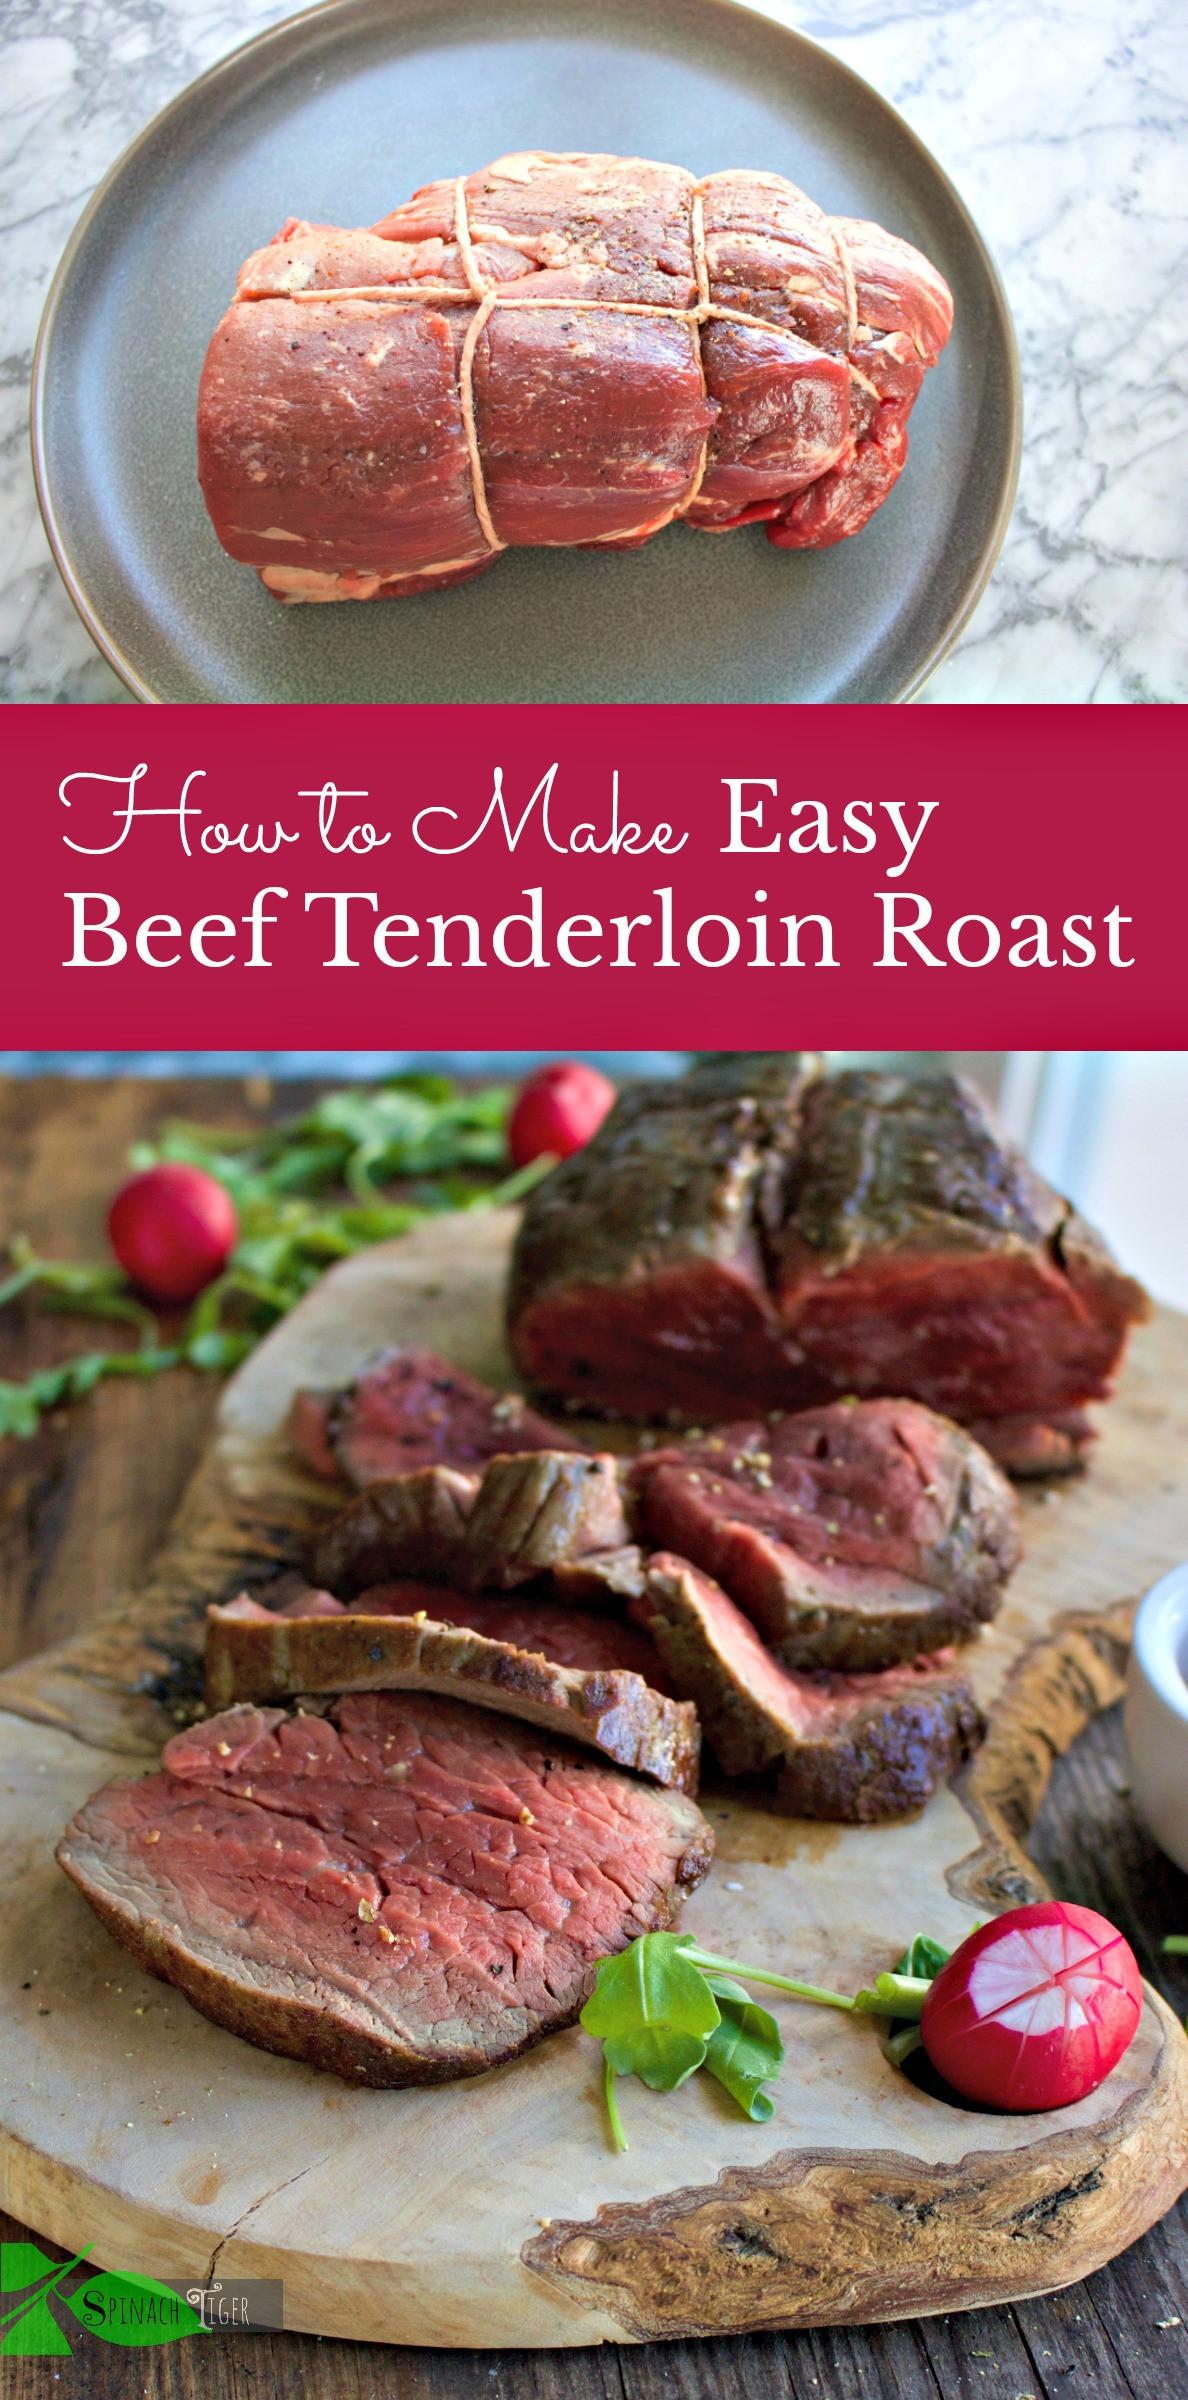 How Long To Cook Beef Tenderloin  The Secret to Preparing Beef Tenderloin Roast Easy and